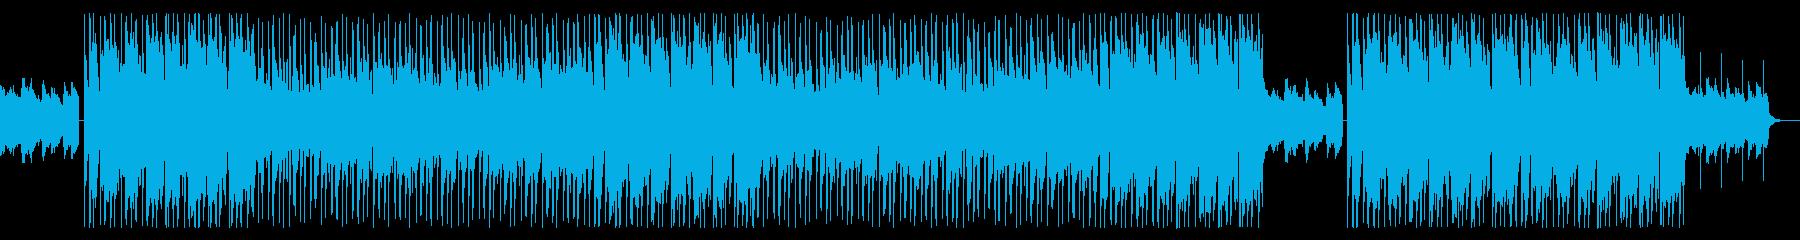 女性ボーカルのお洒落トラックの再生済みの波形